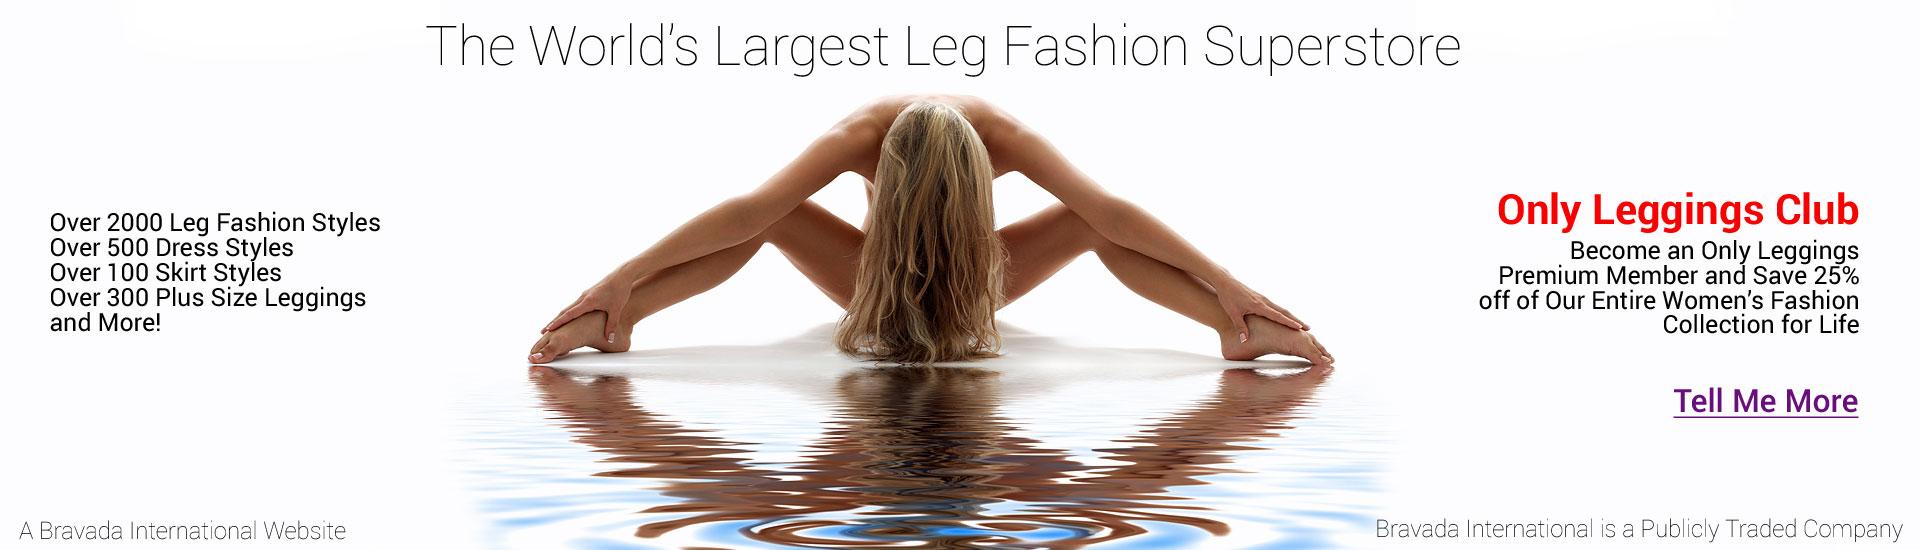 Only Leggings Premium Memberships